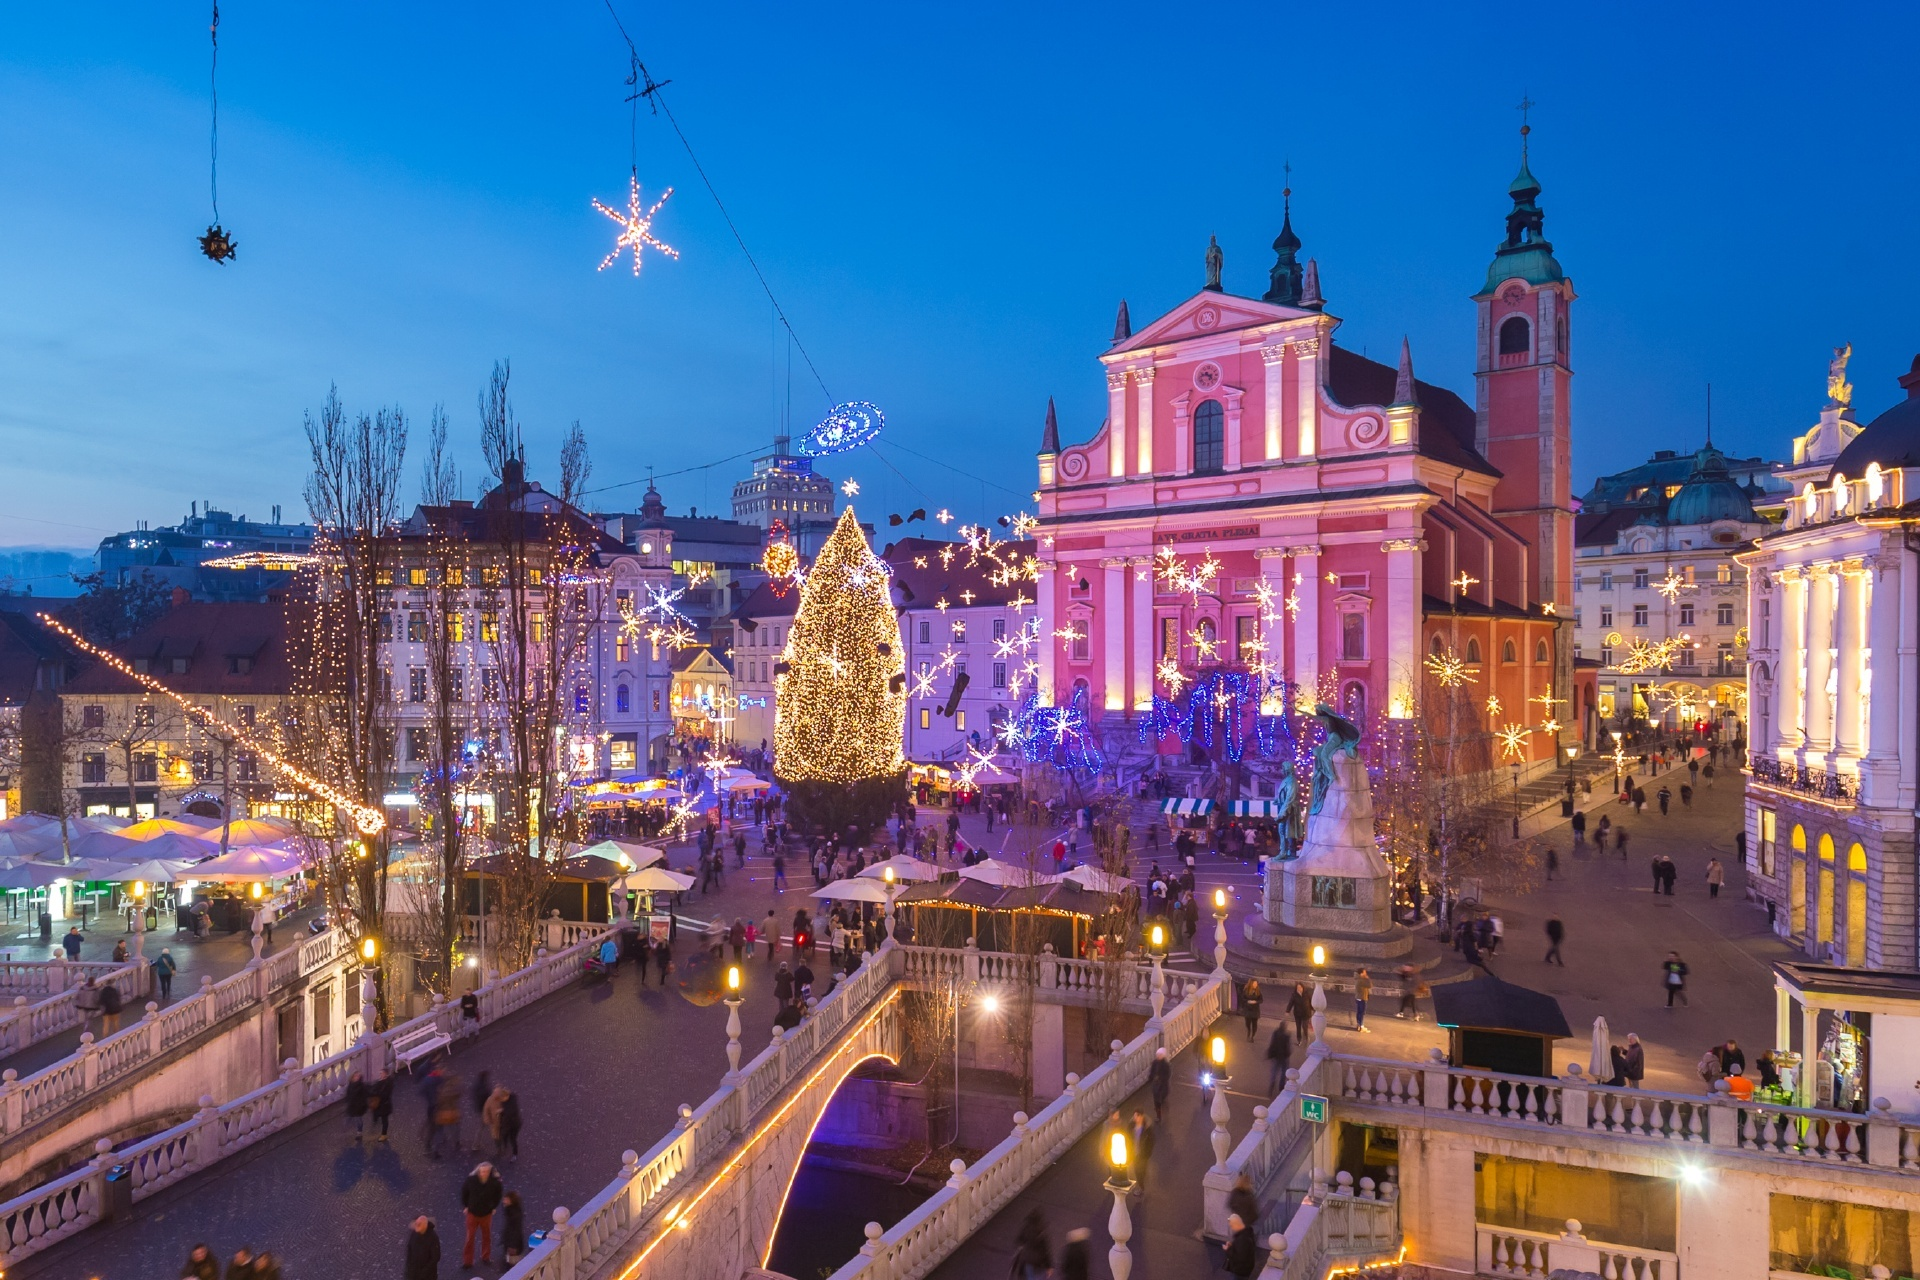 クリスマスのリュブリャナの風景 スロベニアの風景